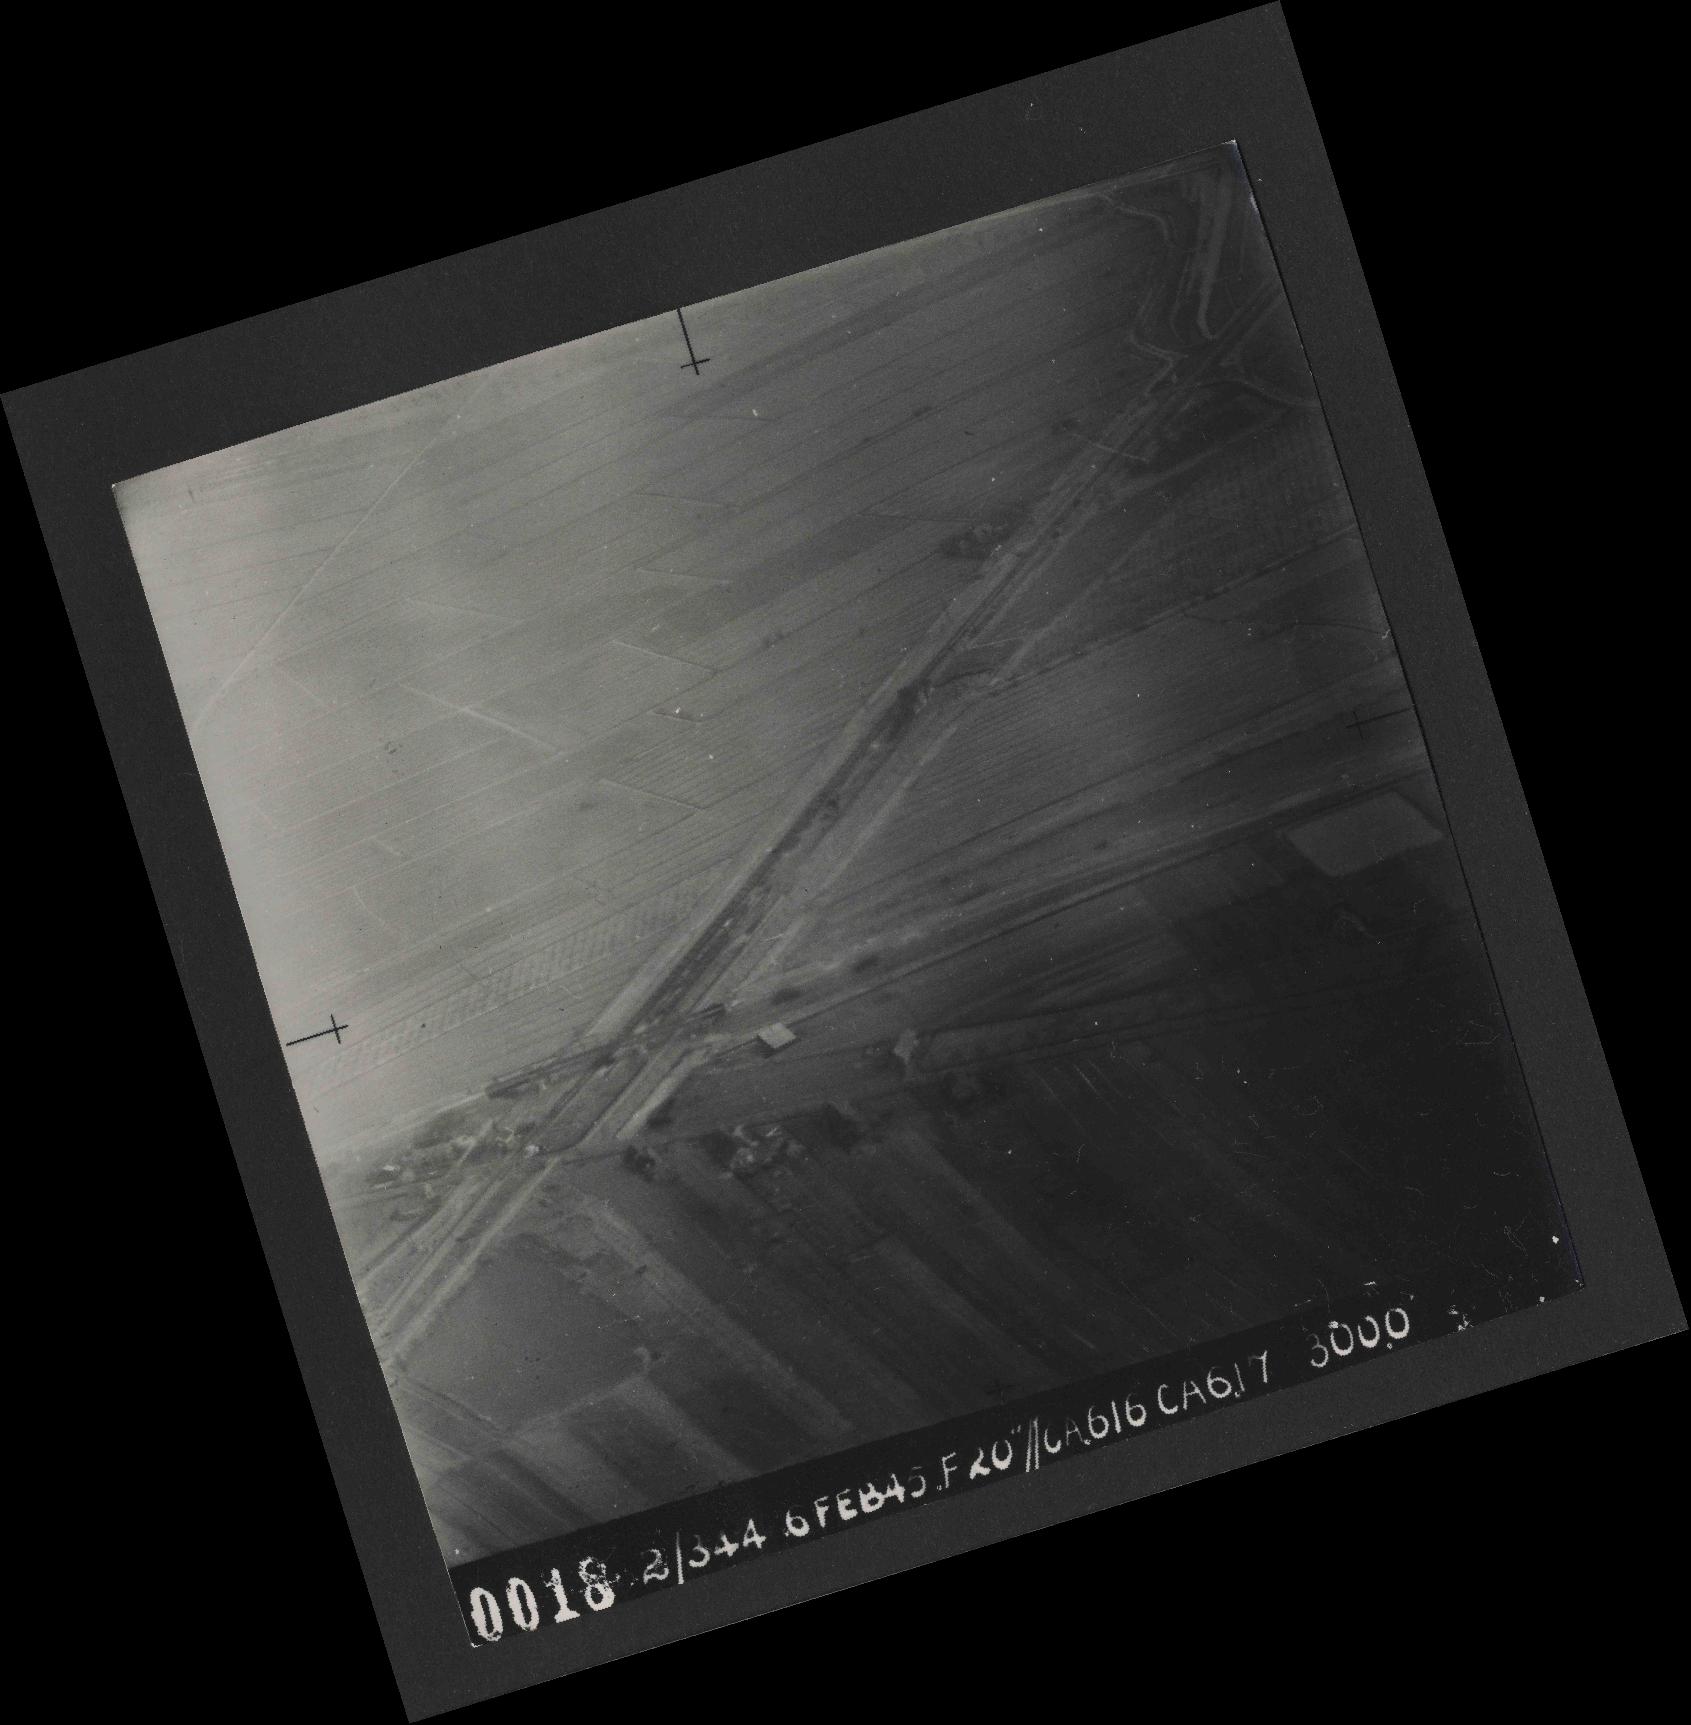 Collection RAF aerial photos 1940-1945 - flight 532, run 01, photo 0018